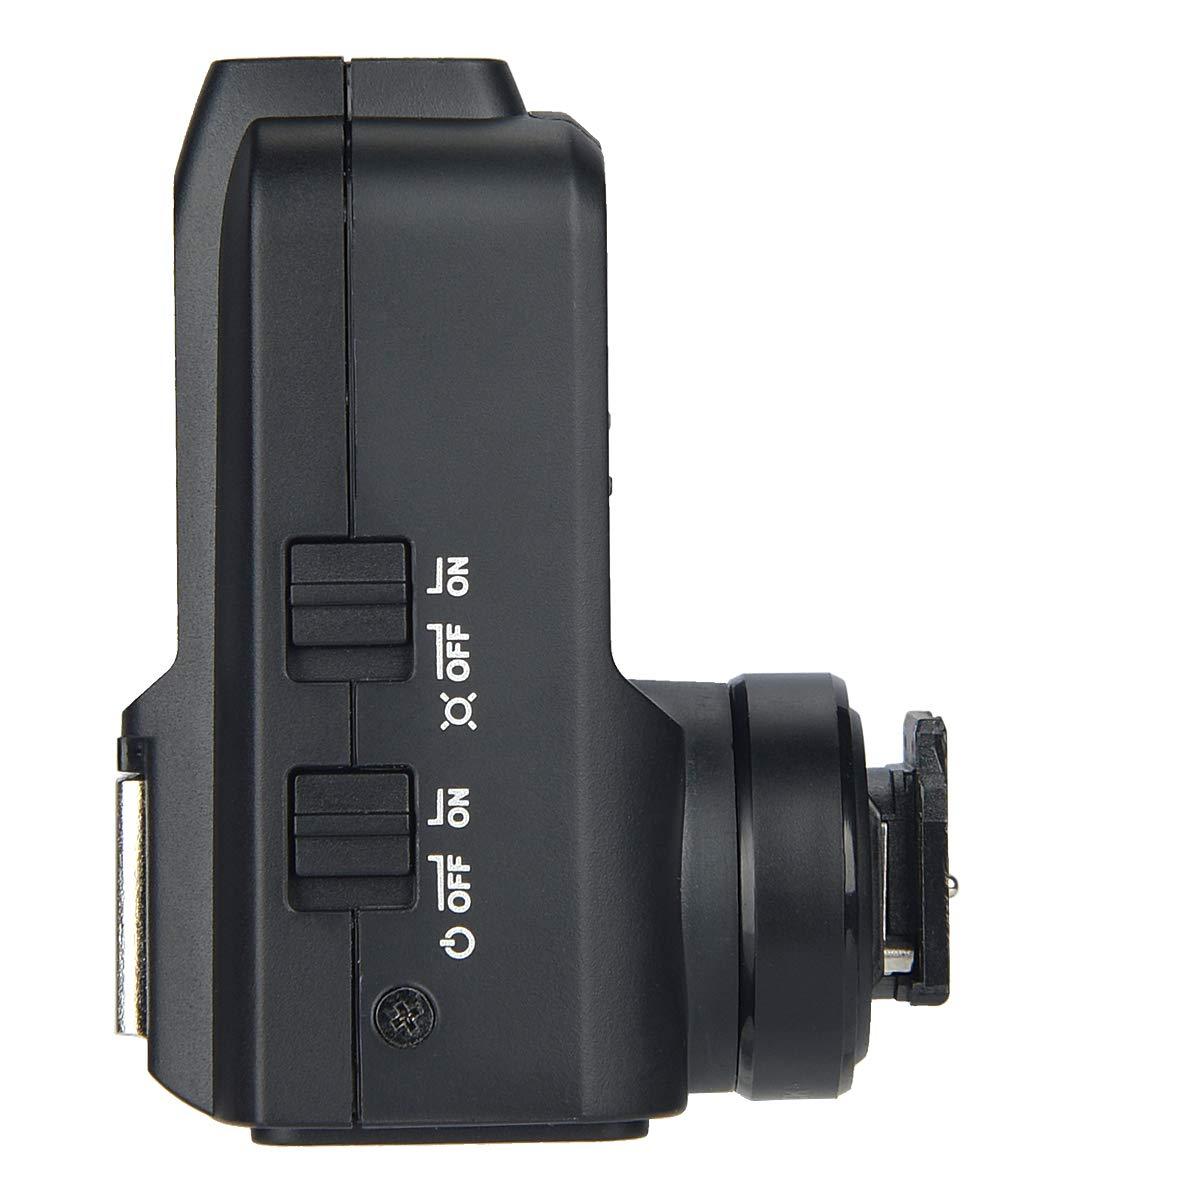 Godox X2T-S TTL Wireless Flash Trigger 1/8000s HSS TTL, Phone APP Adjustment, Compatible Sony (X2T-S) by Godox (Image #6)